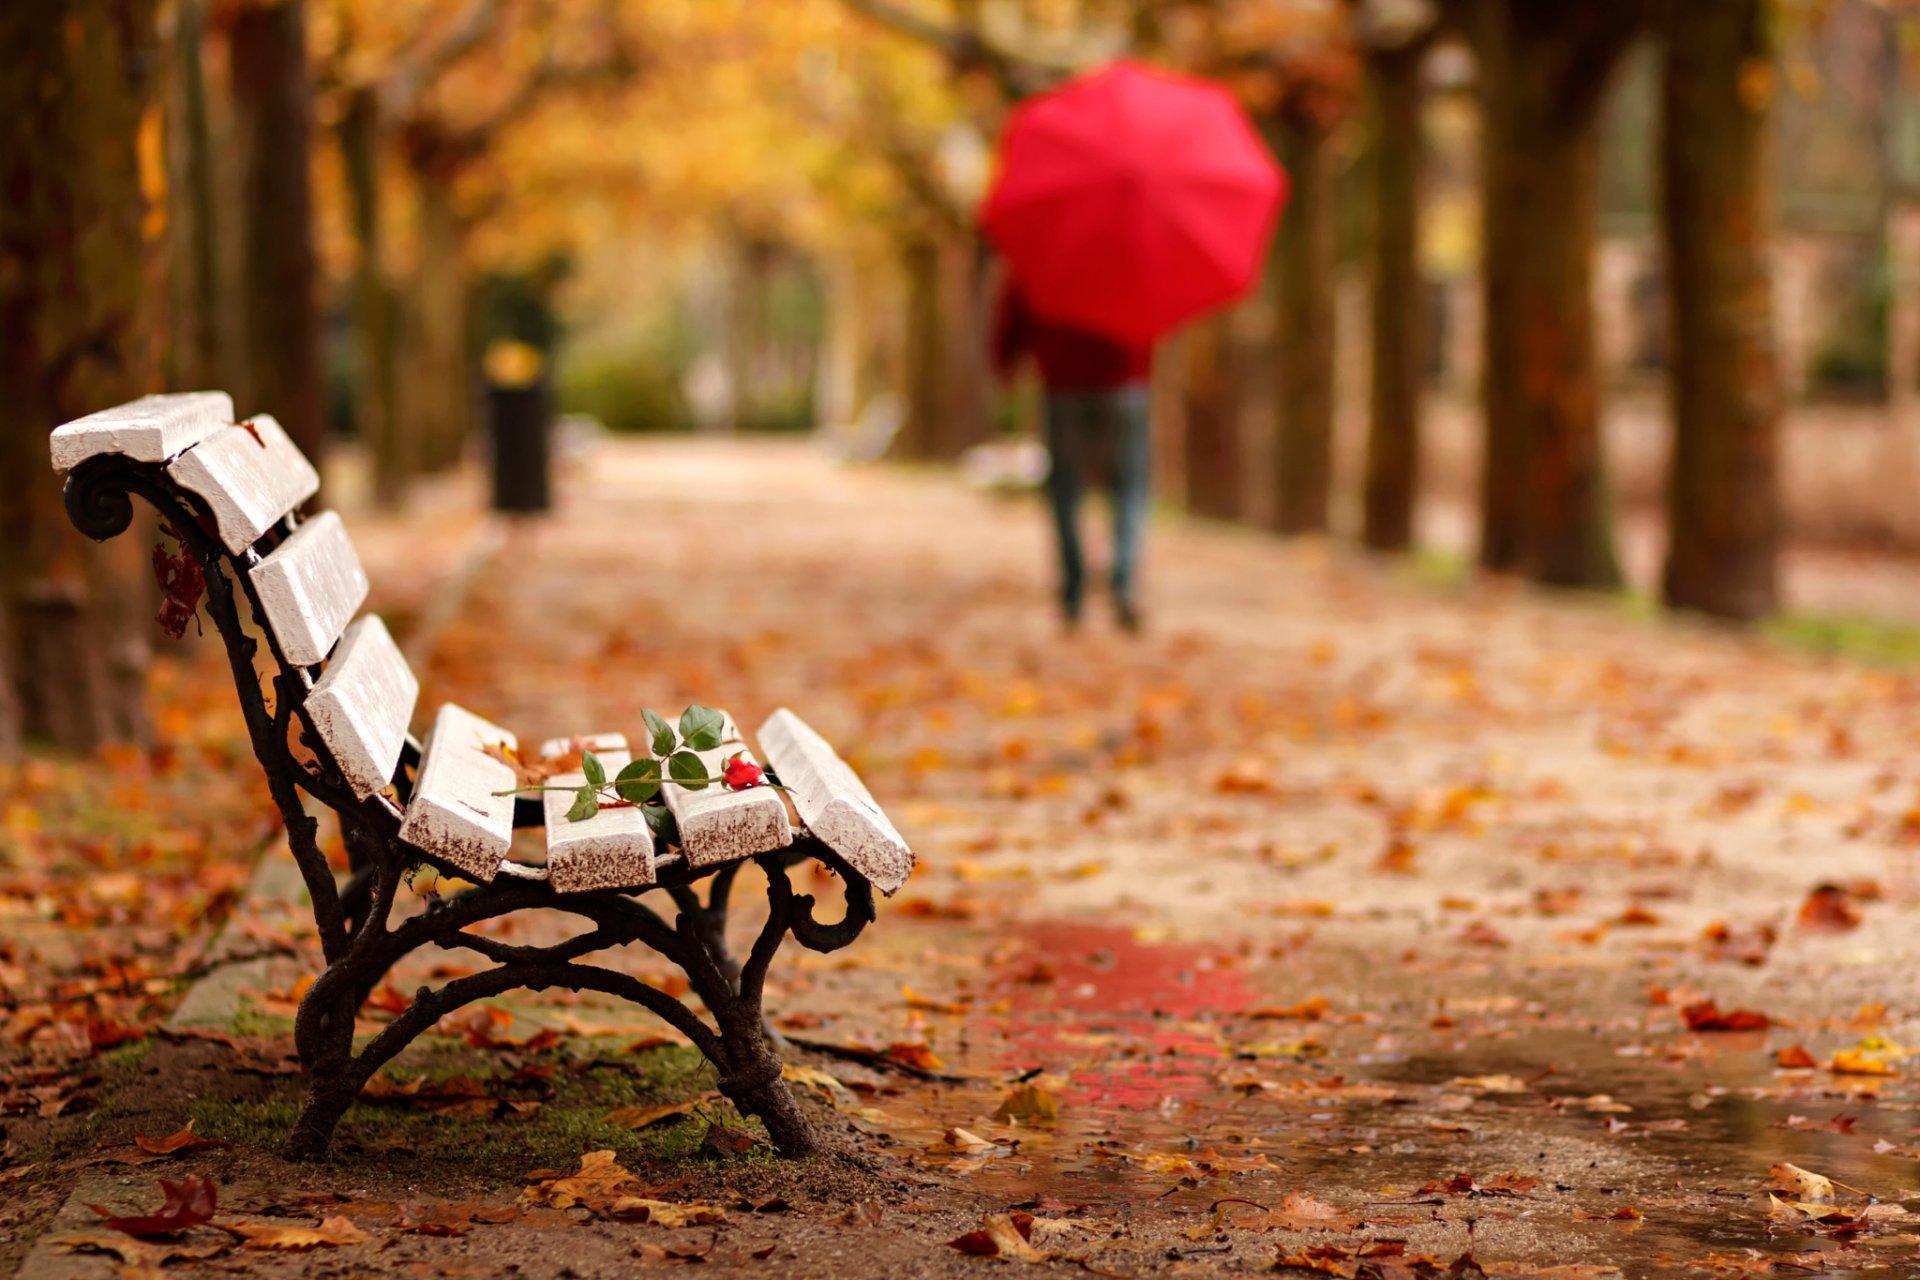 С зонтиком в лесу  № 3394175 без смс